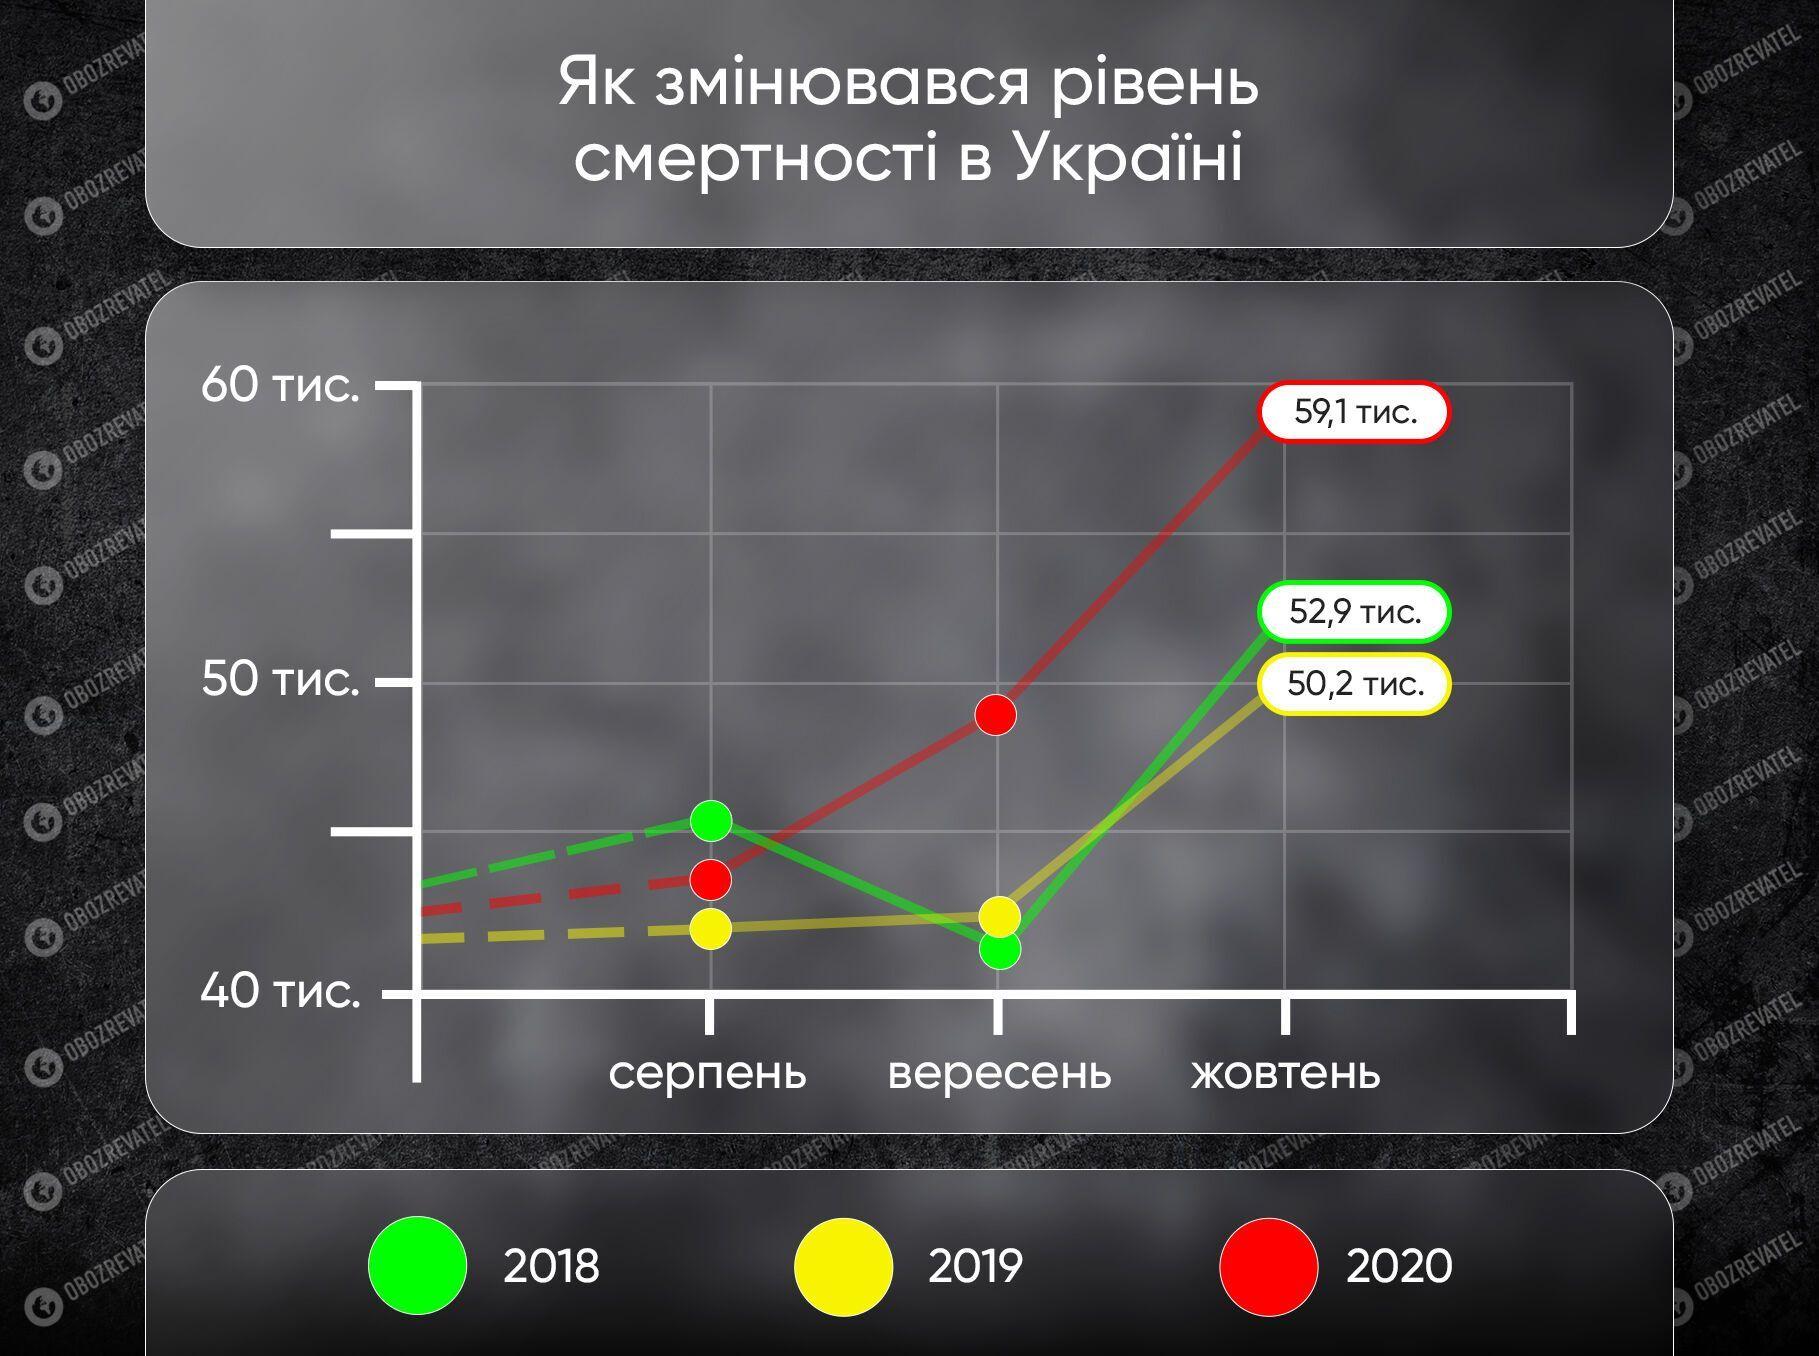 Як змінювався рівень смертності